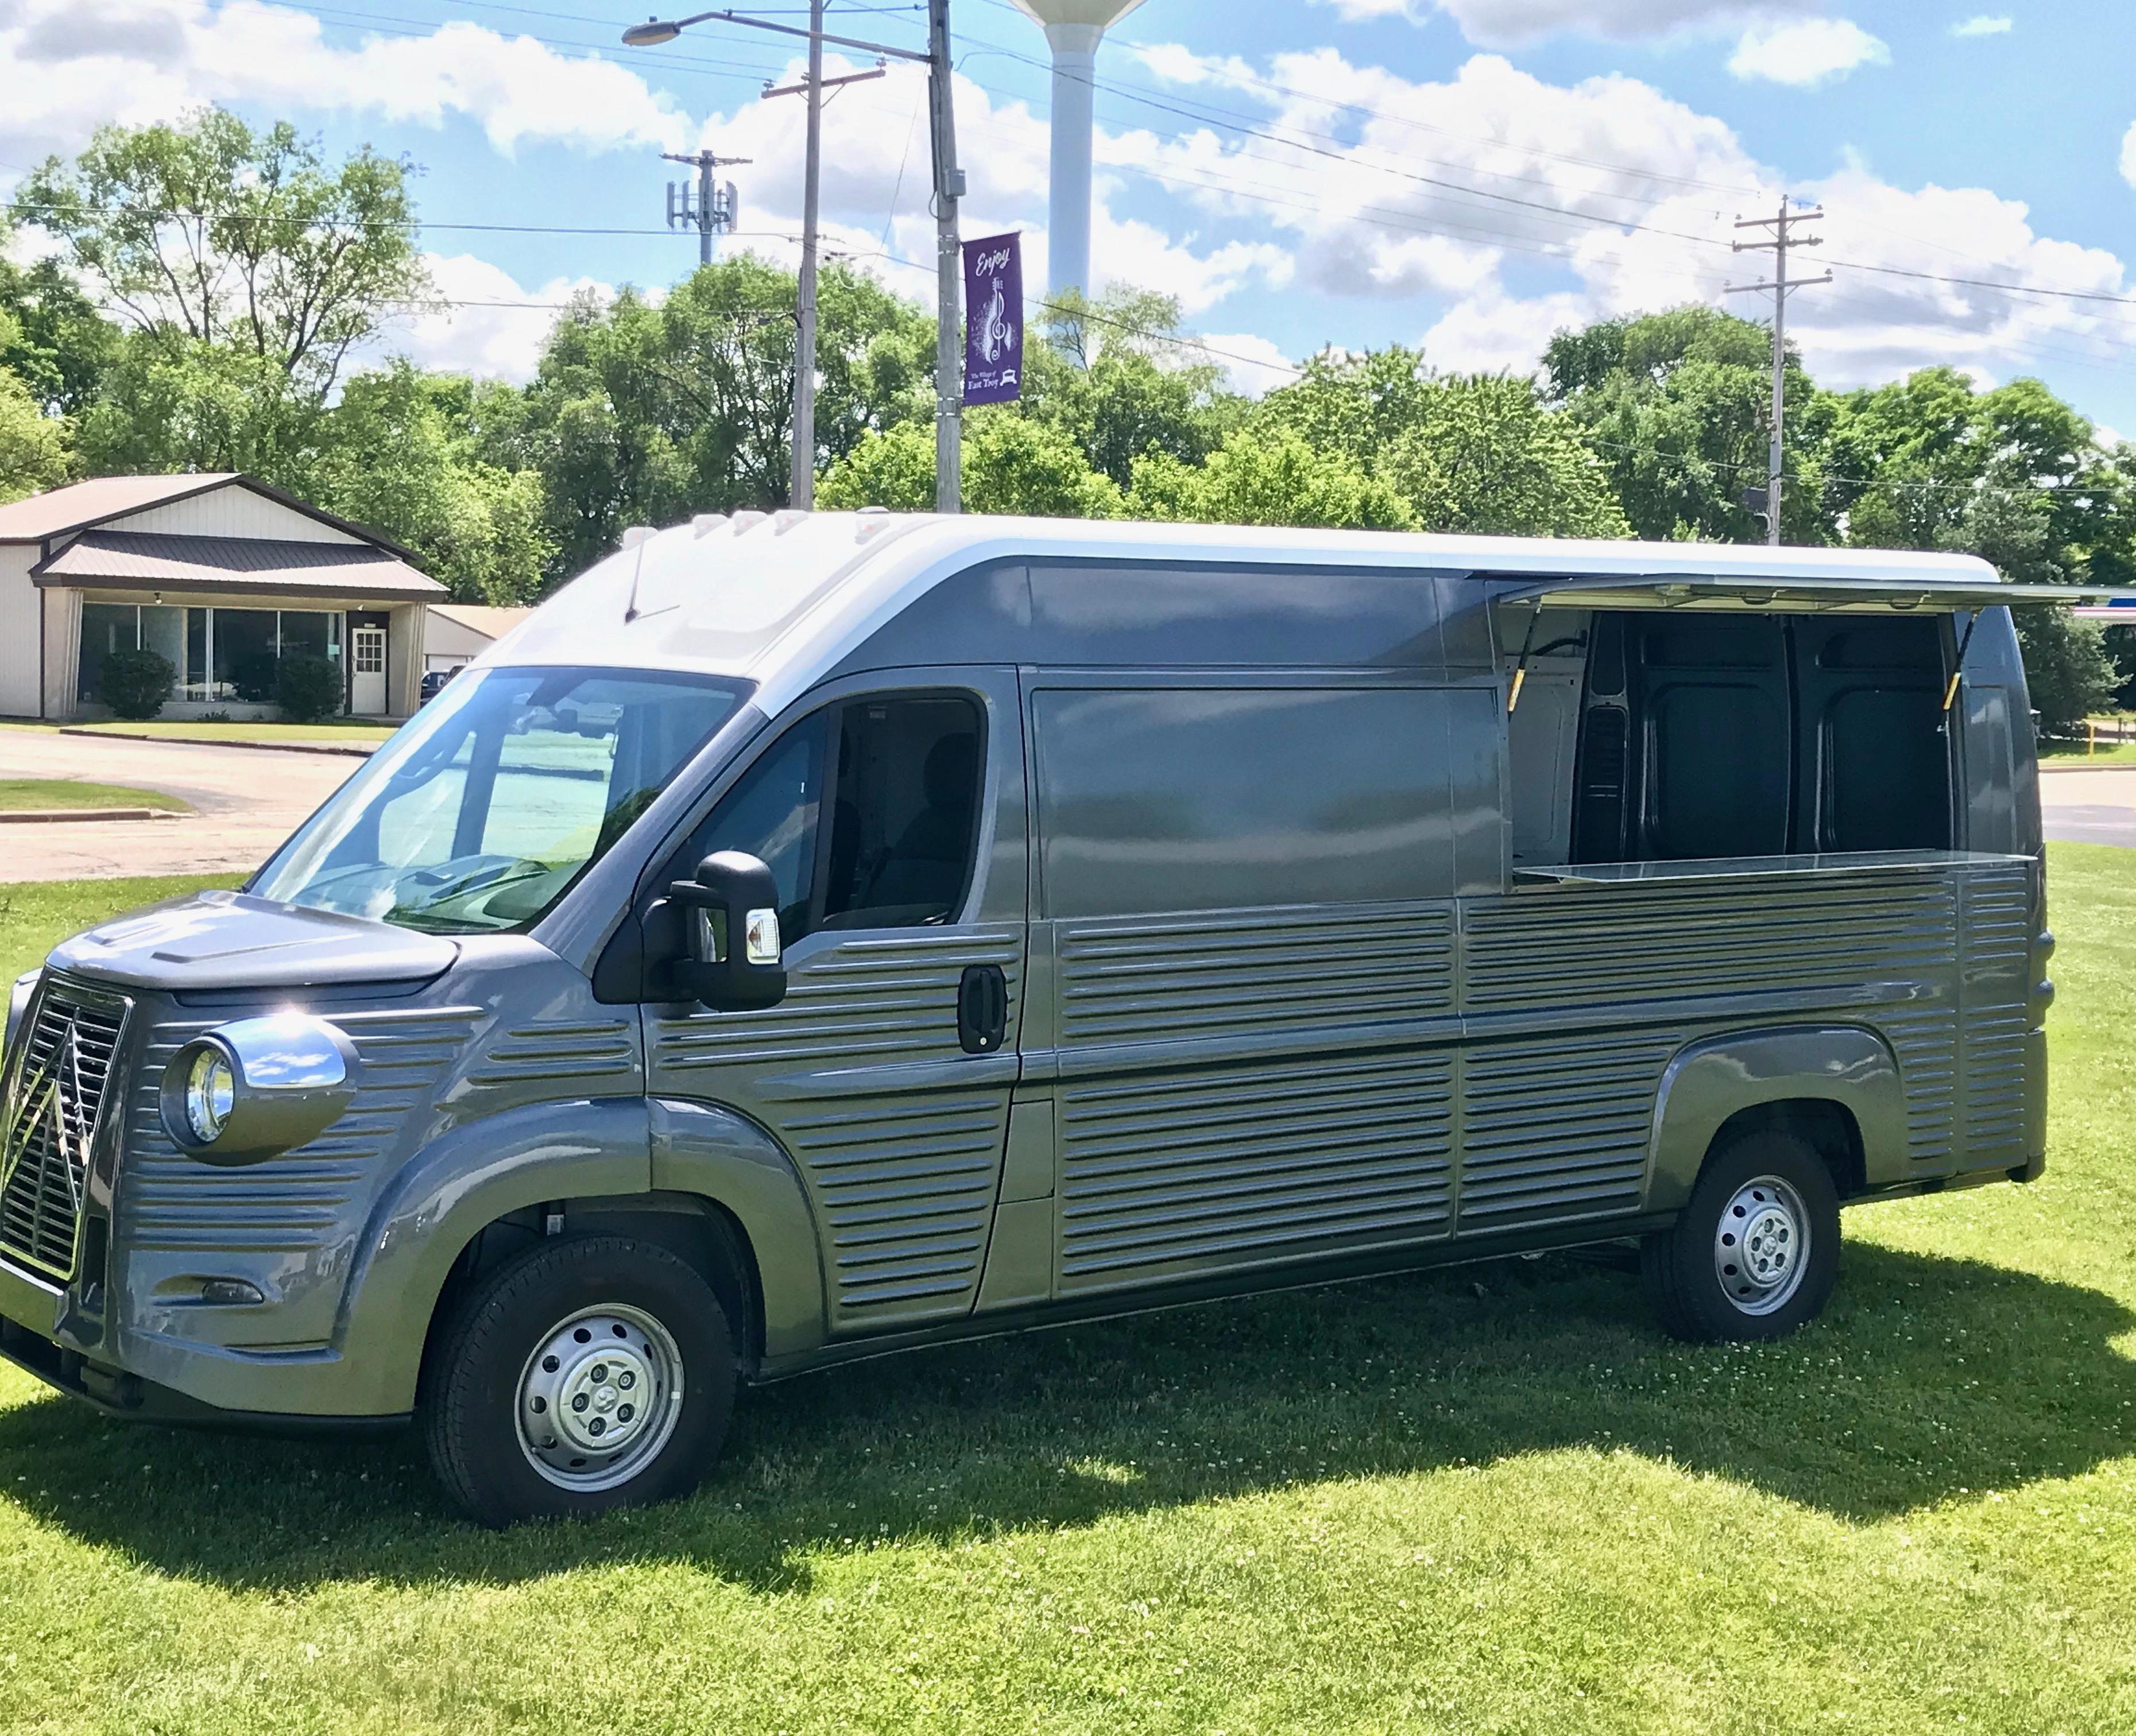 Citroen HY Van (Modern) marketing van for lease